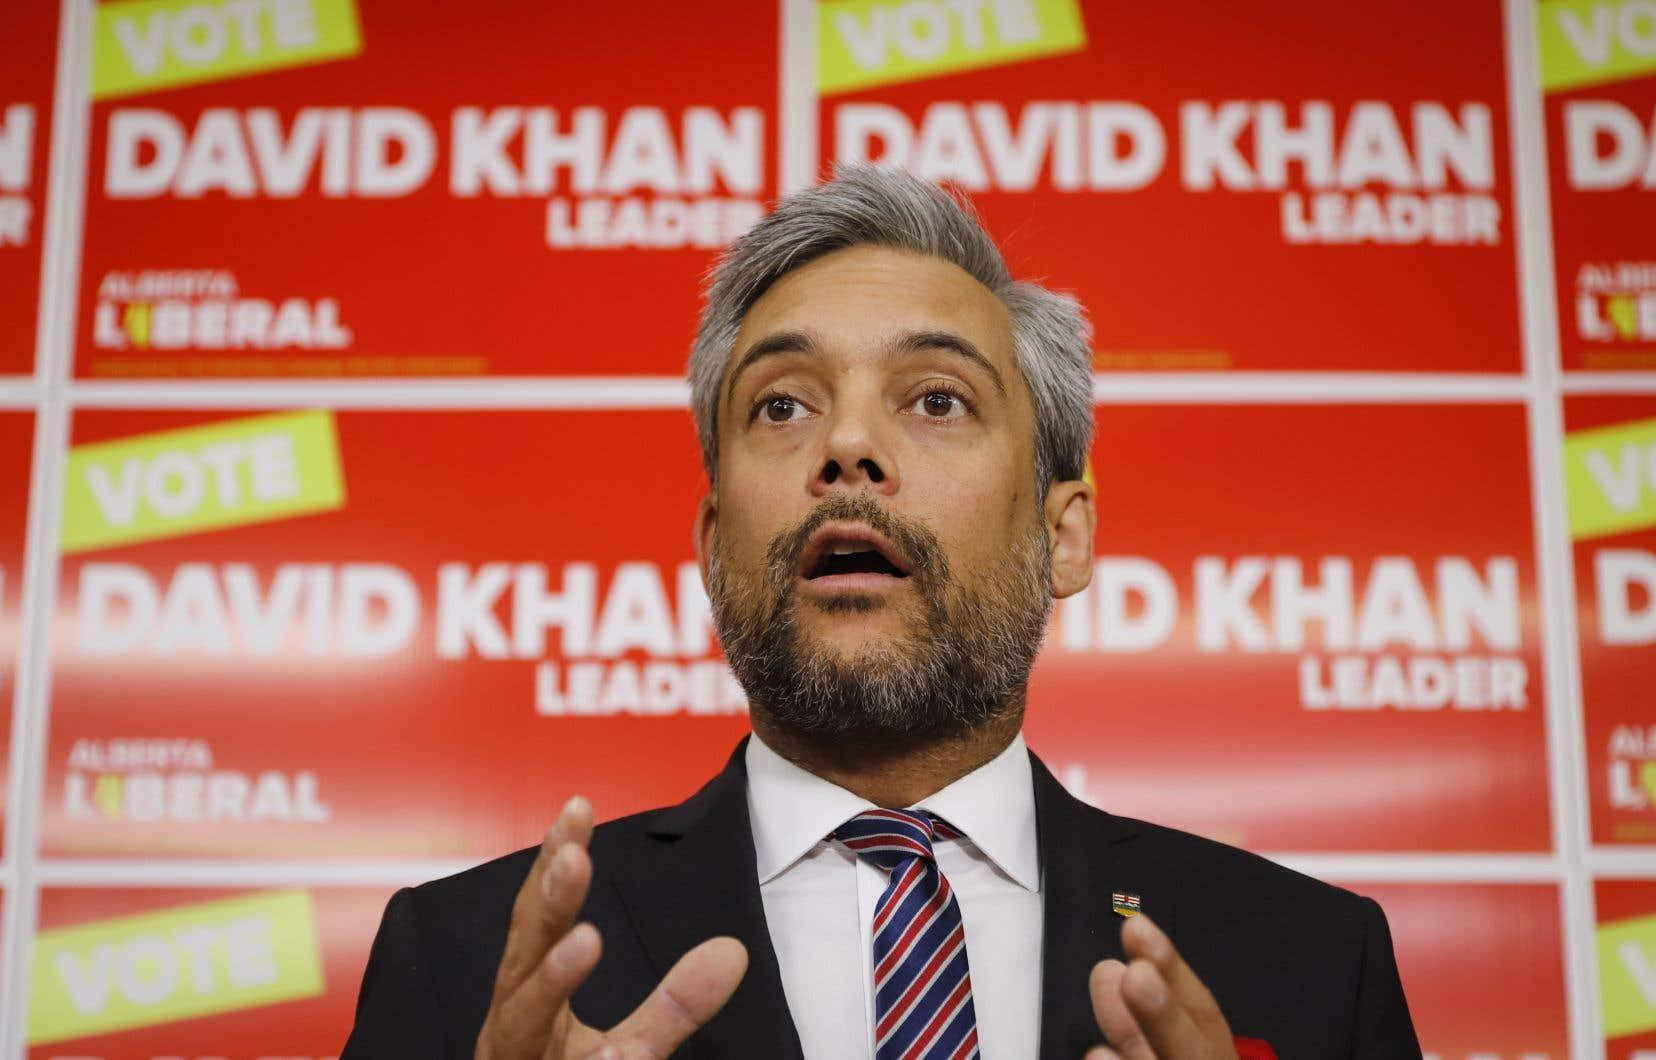 Le départ de David Khan accentue le déclin du Parti libéral de l'Alberta et renforce l'effet de division entre l'Est et l'Ouest.